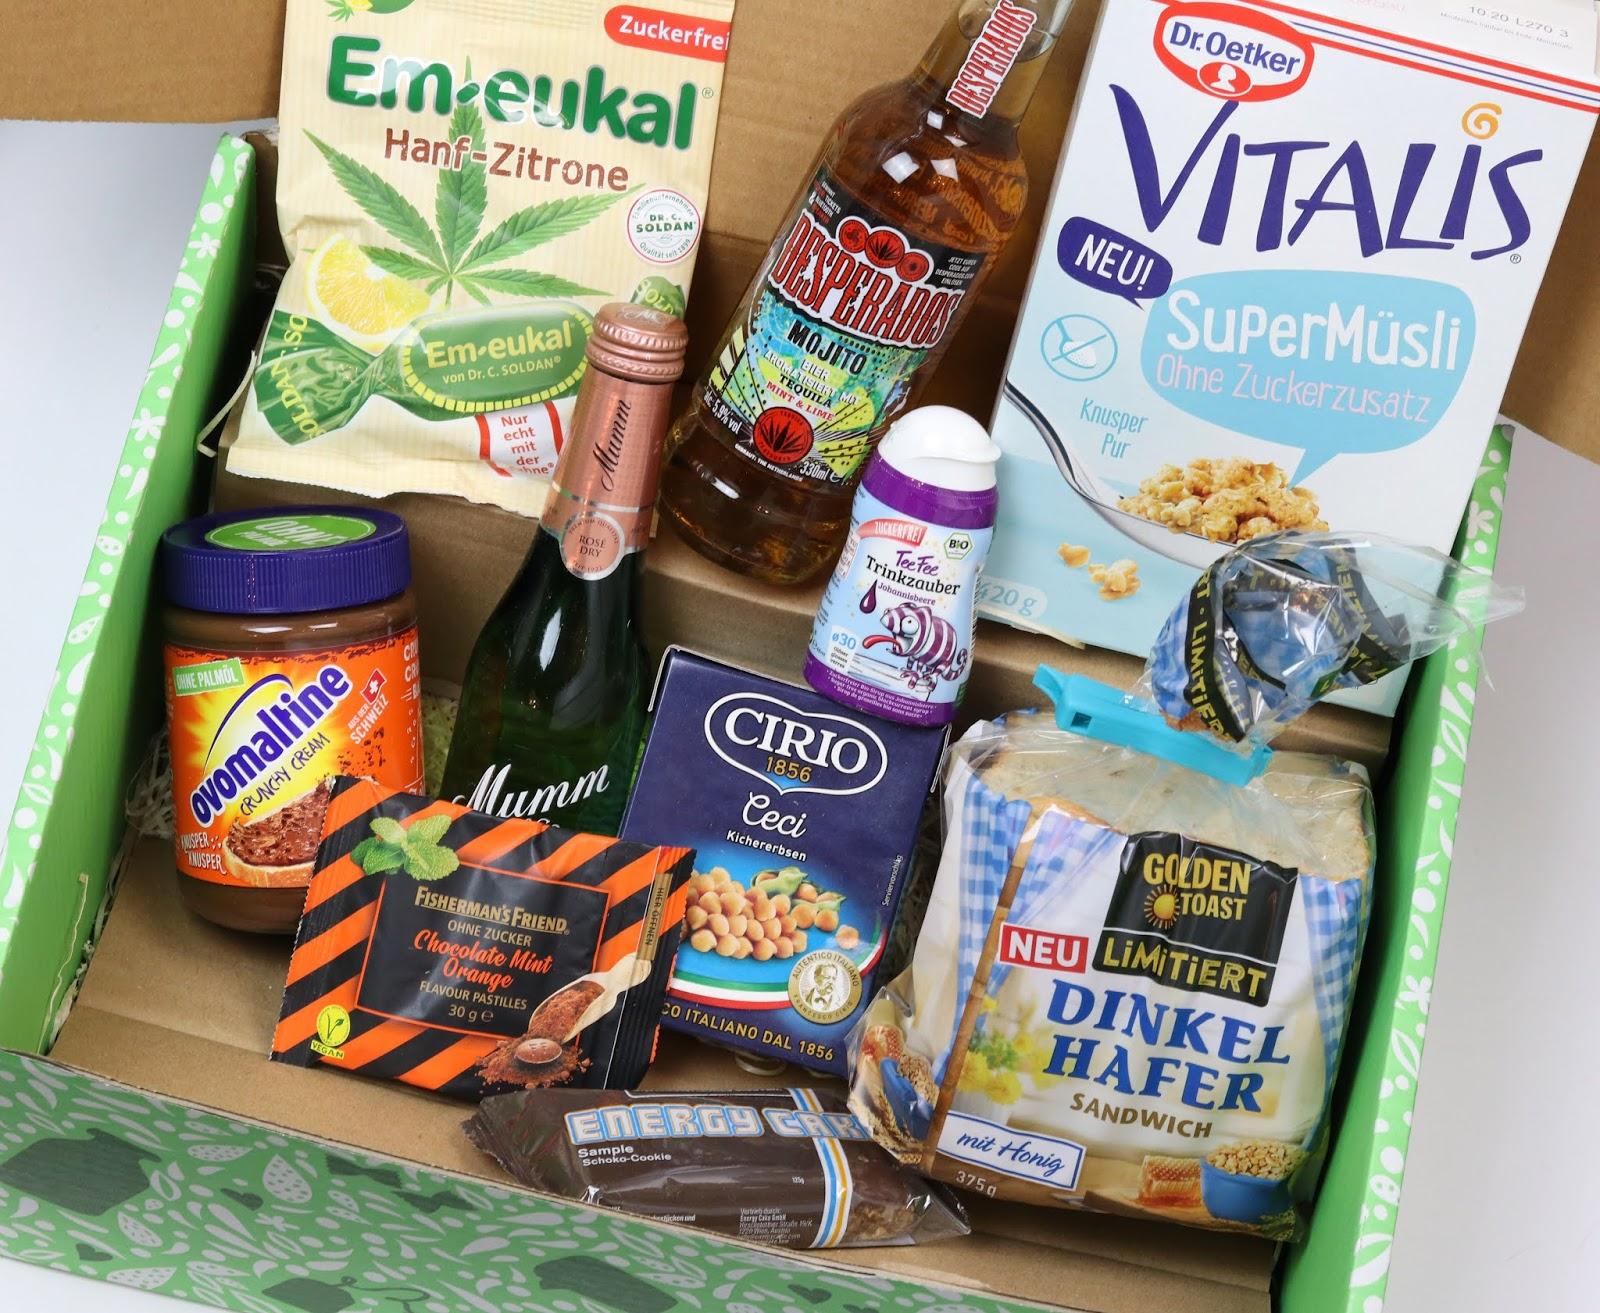 abo, brandnooz box, classic box februar 2020, einkaufsliste, erfahrung, Ernährung, food blogger, genießen, getränke, kochen, neue lebensmittel, probier was neues, review, rezepte, süßigkeiten, unboxing,